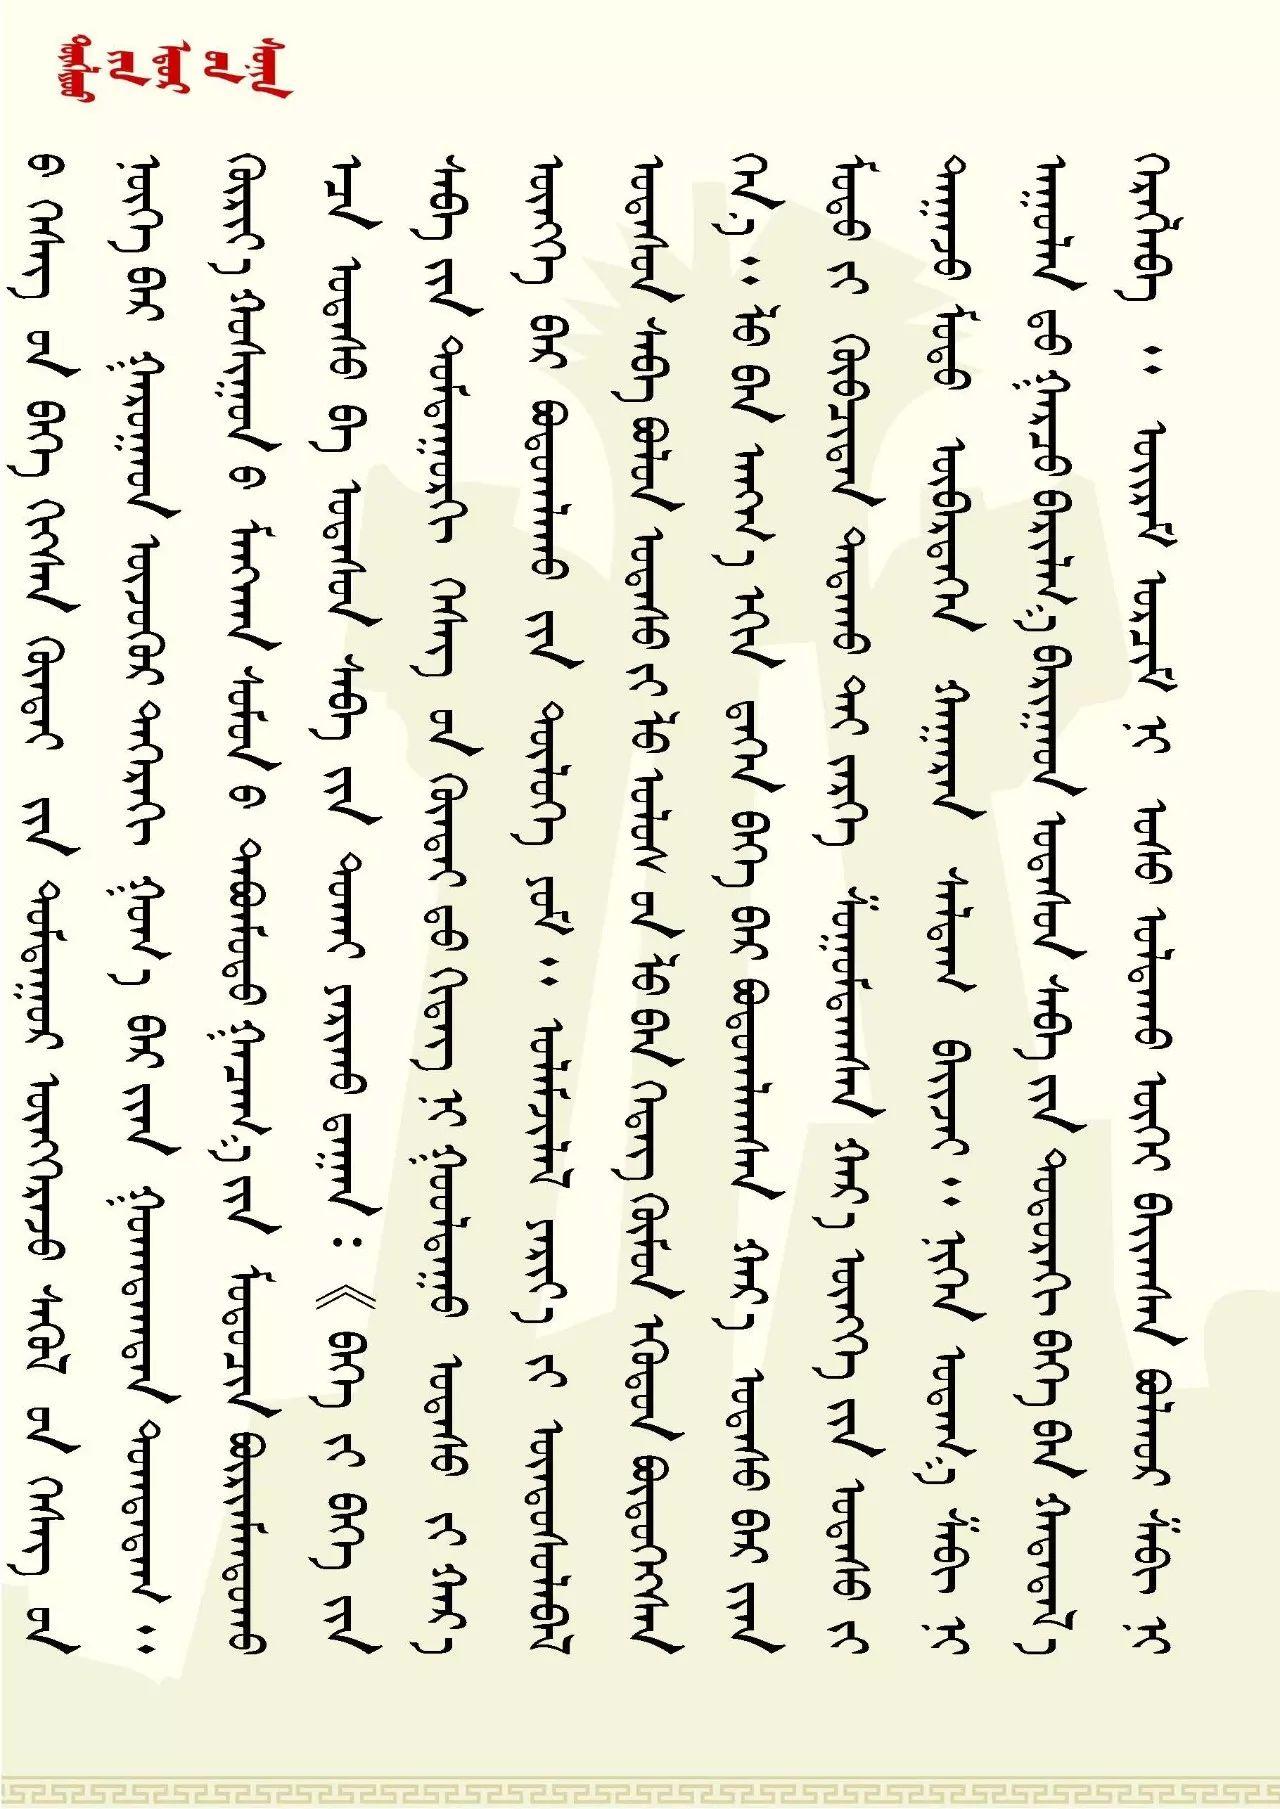 【文化】科尔沁木工文化(蒙古文) 第21张 【文化】科尔沁木工文化(蒙古文) 蒙古文化